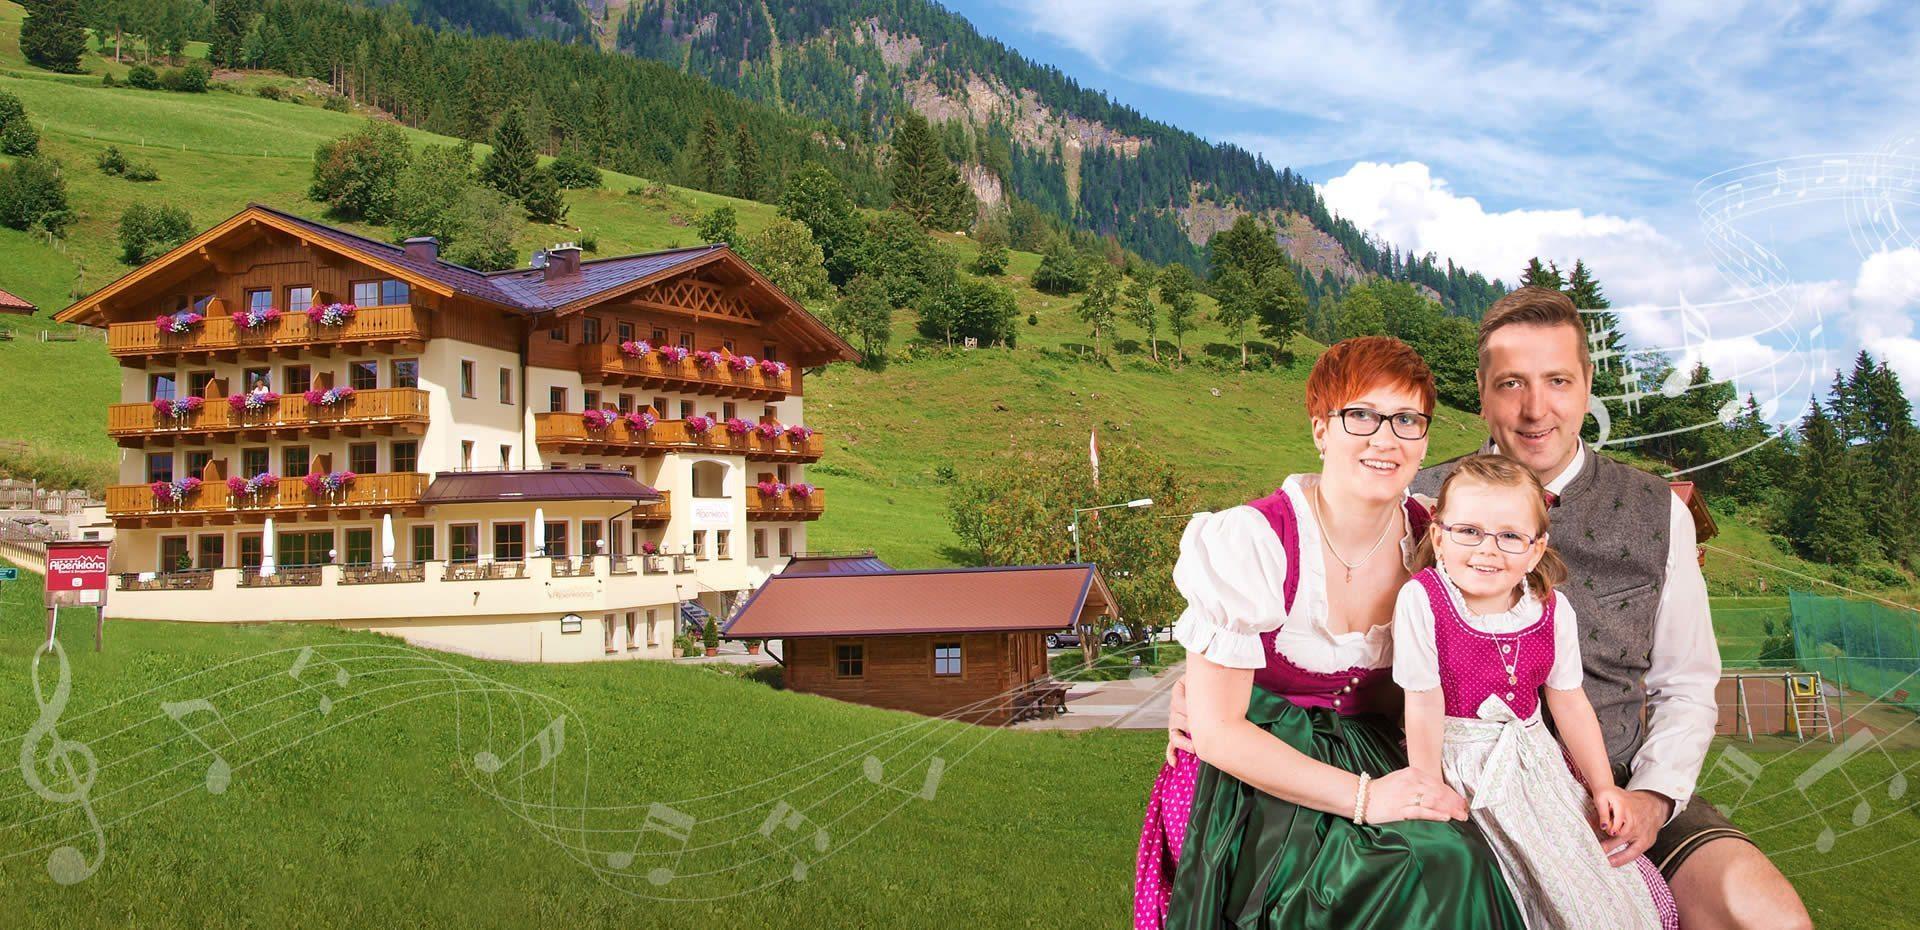 4 Sterne Hotel & Berggasthaus in Großarl, Salzburger Land